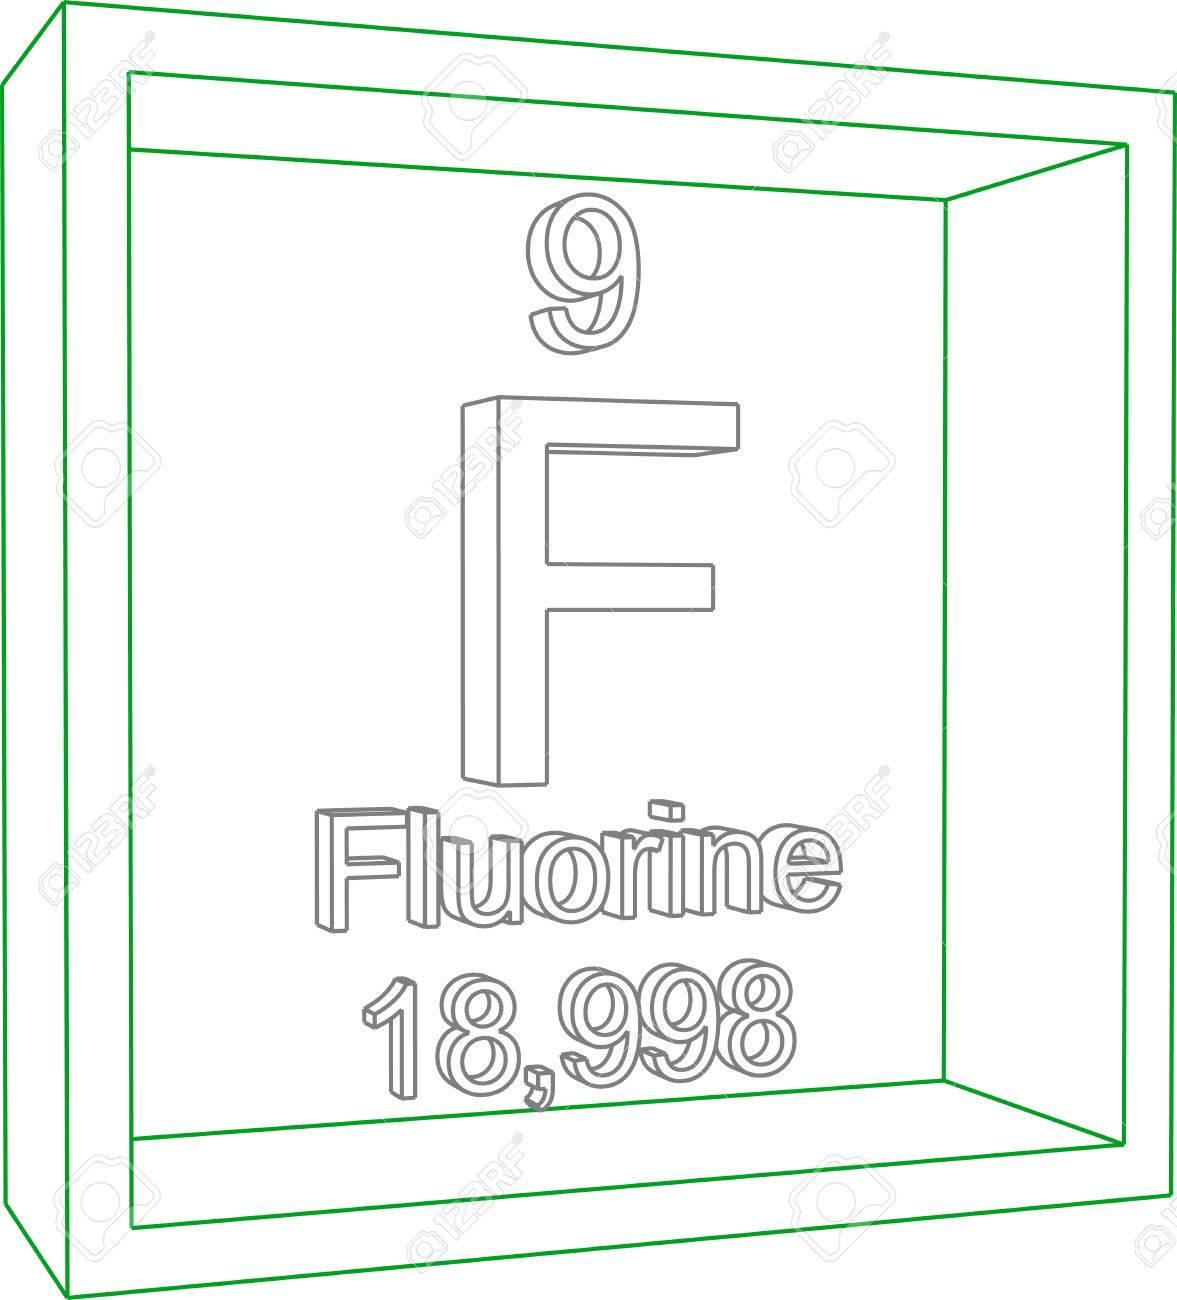 Tabla peridica de los elementos flor ilustraciones vectoriales foto de archivo tabla peridica de los elementos flor urtaz Choice Image